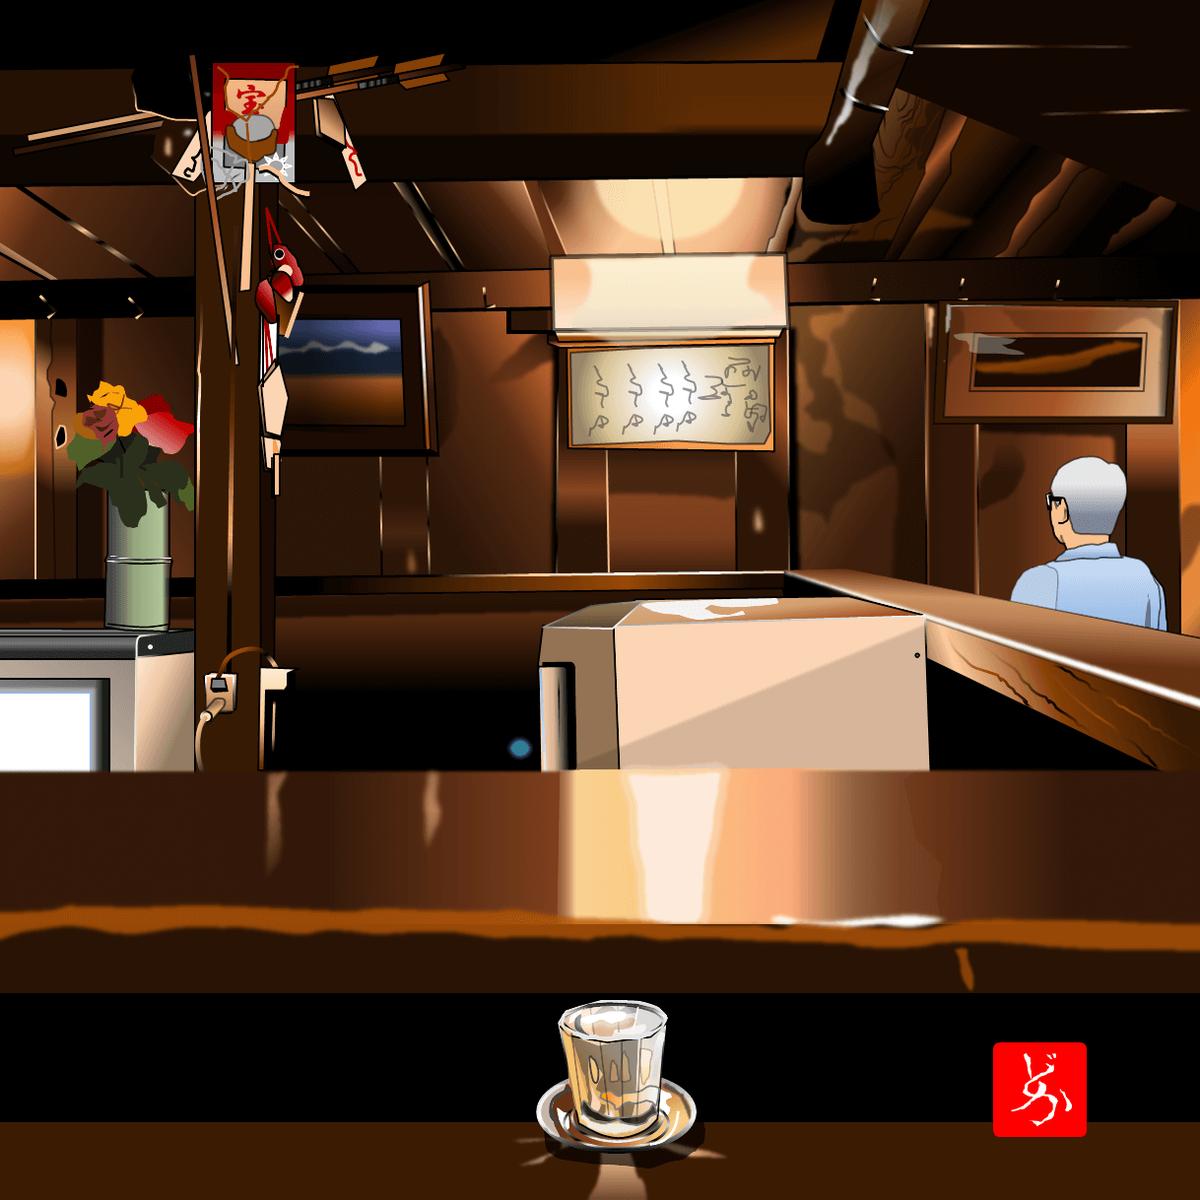 仙台の居酒屋「源氏」のエクセル画イラスト